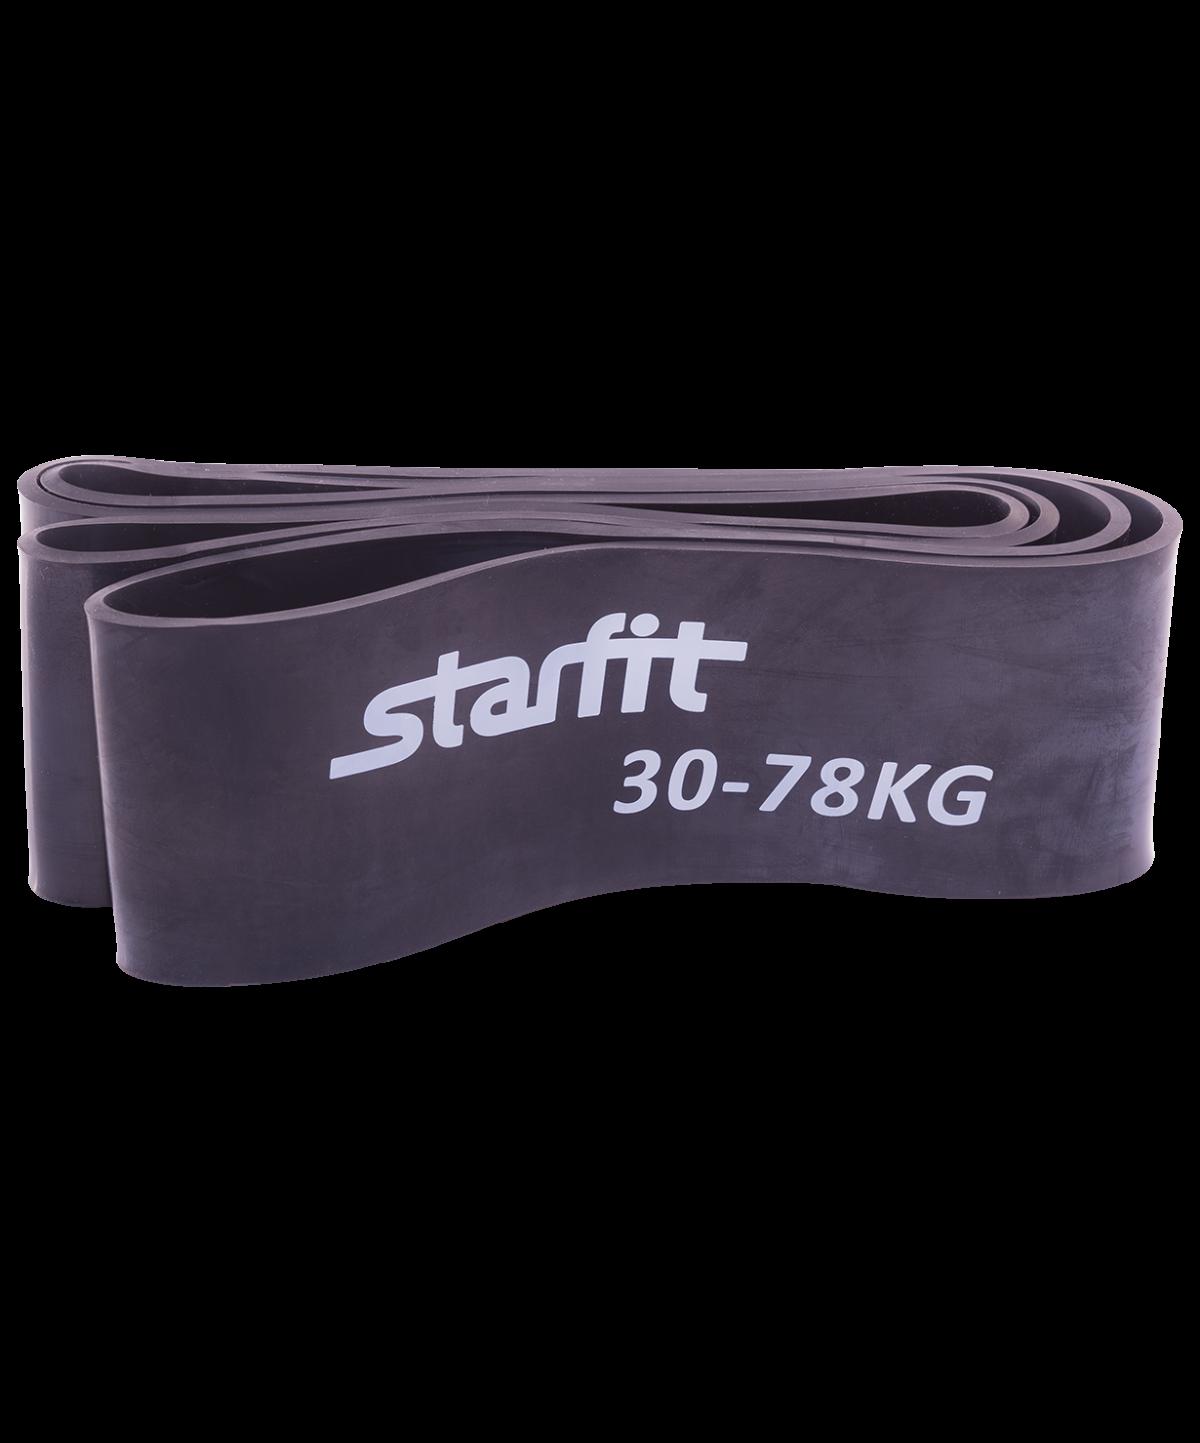 STARFIT Эспандер ленточный, 30-78 кг, черный  ES-801 - 1